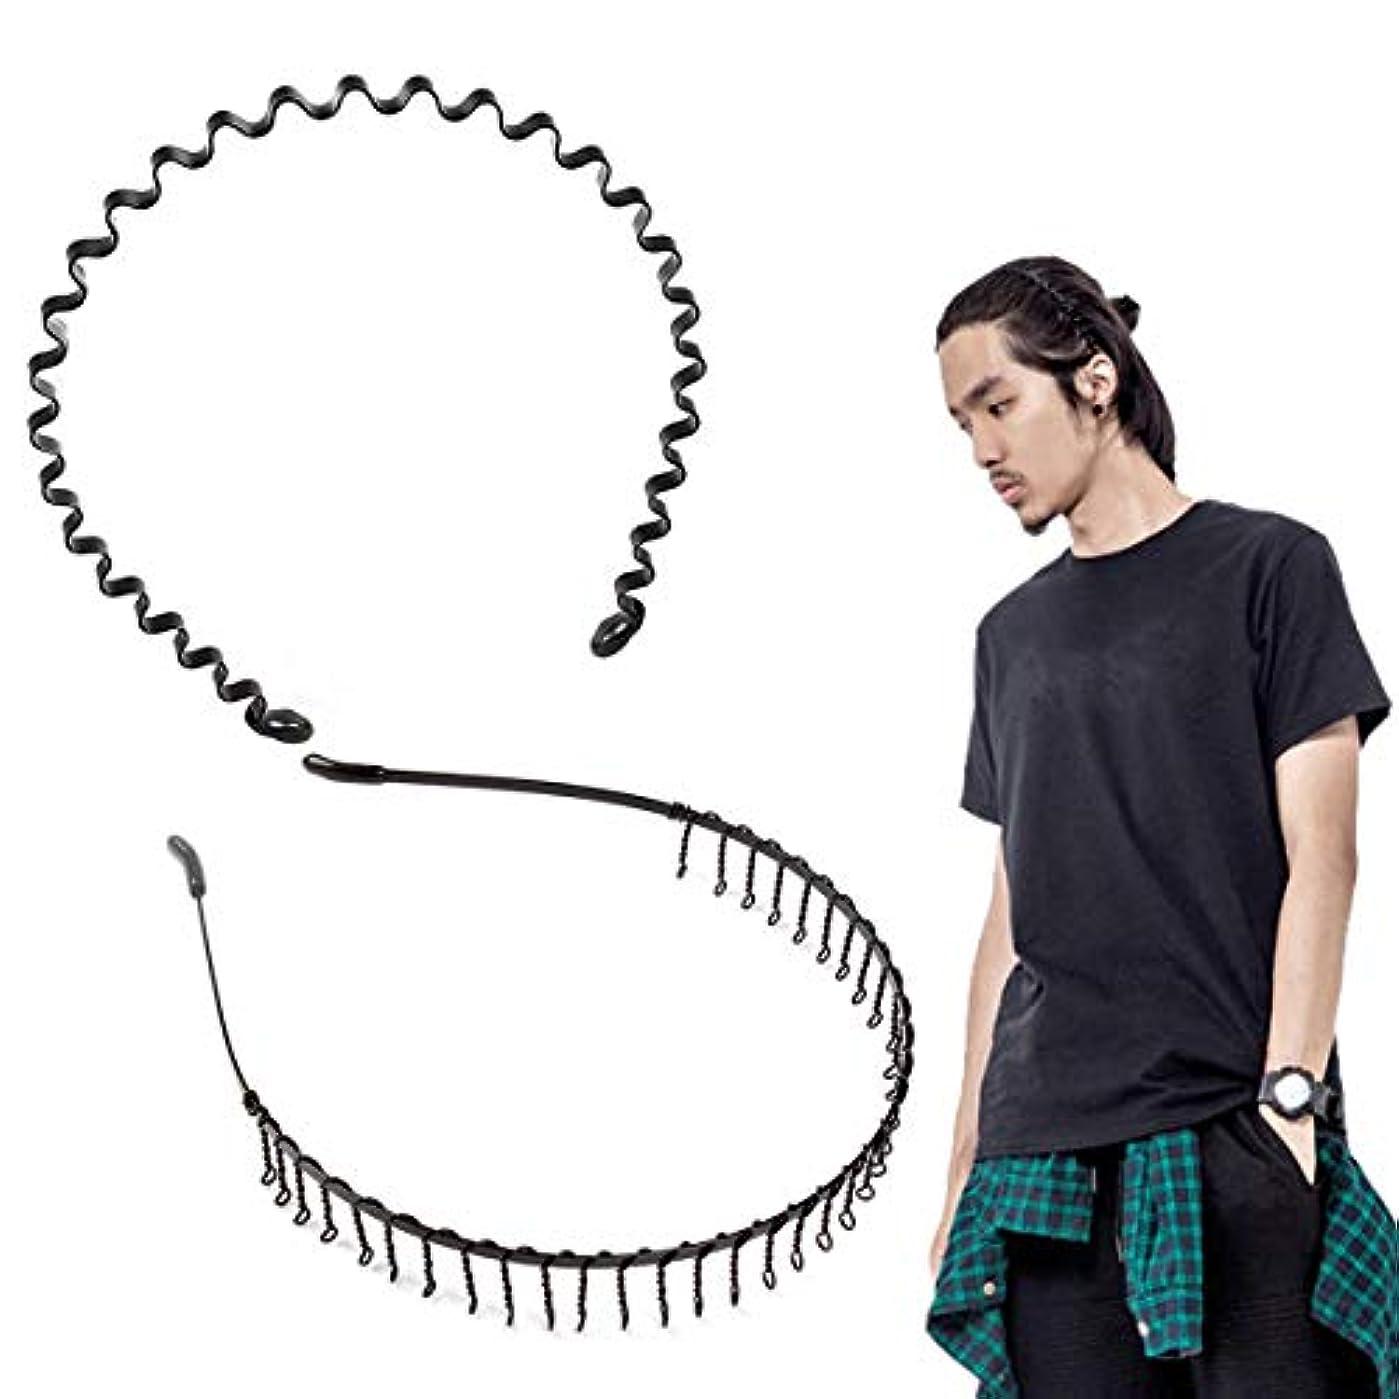 安らぎそれから拾うshefun メンズ カチューシャ スプリング ヘアバンド 鉄 波型 くし付き 滑り止め 痛くない 黒 シンプル 前髪 髪飾り 2本セット JP159